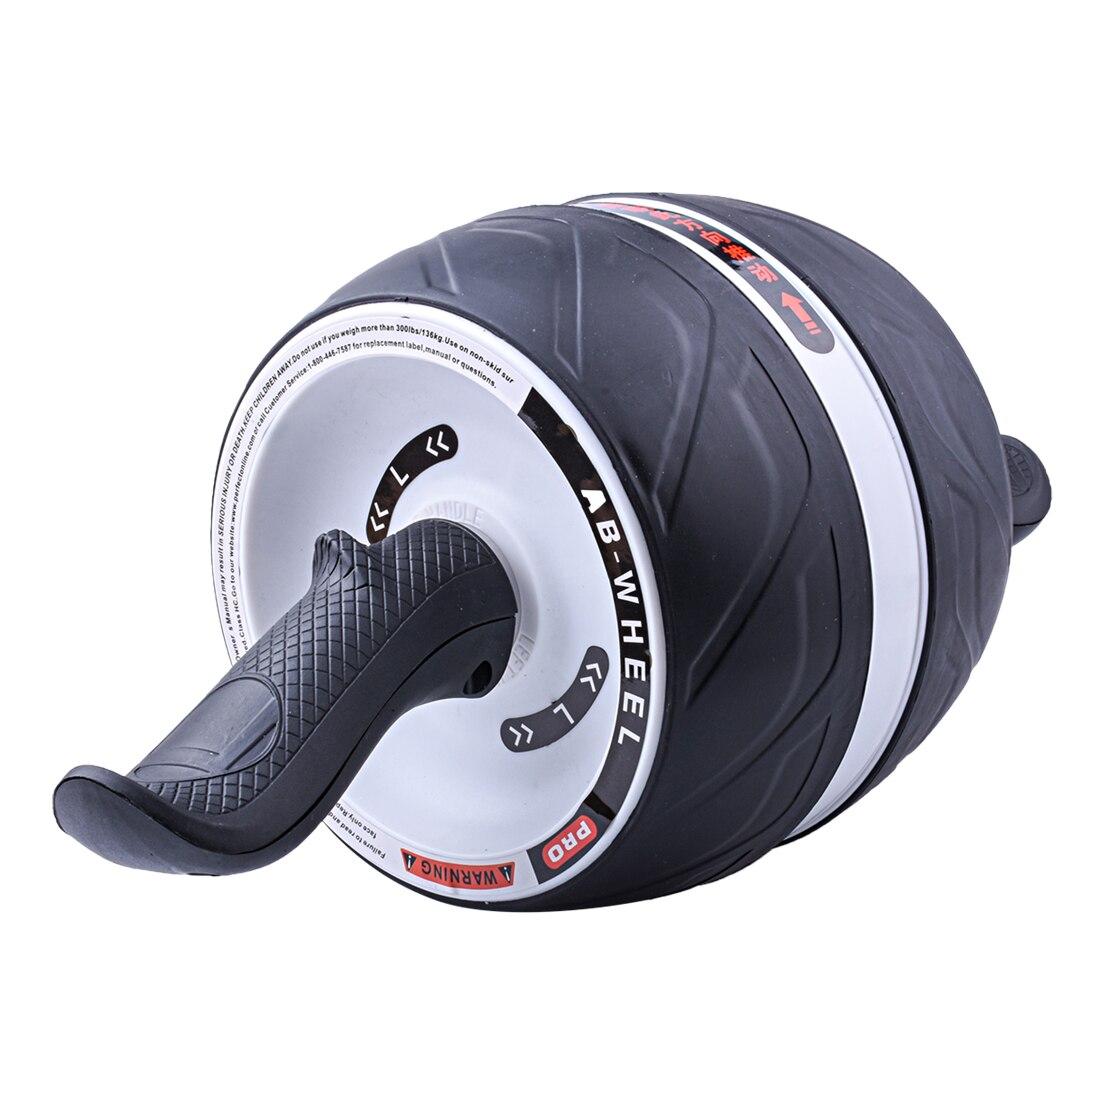 Hb258e78ec41e4f1095d57caea6a56e1aL - Ab Roller